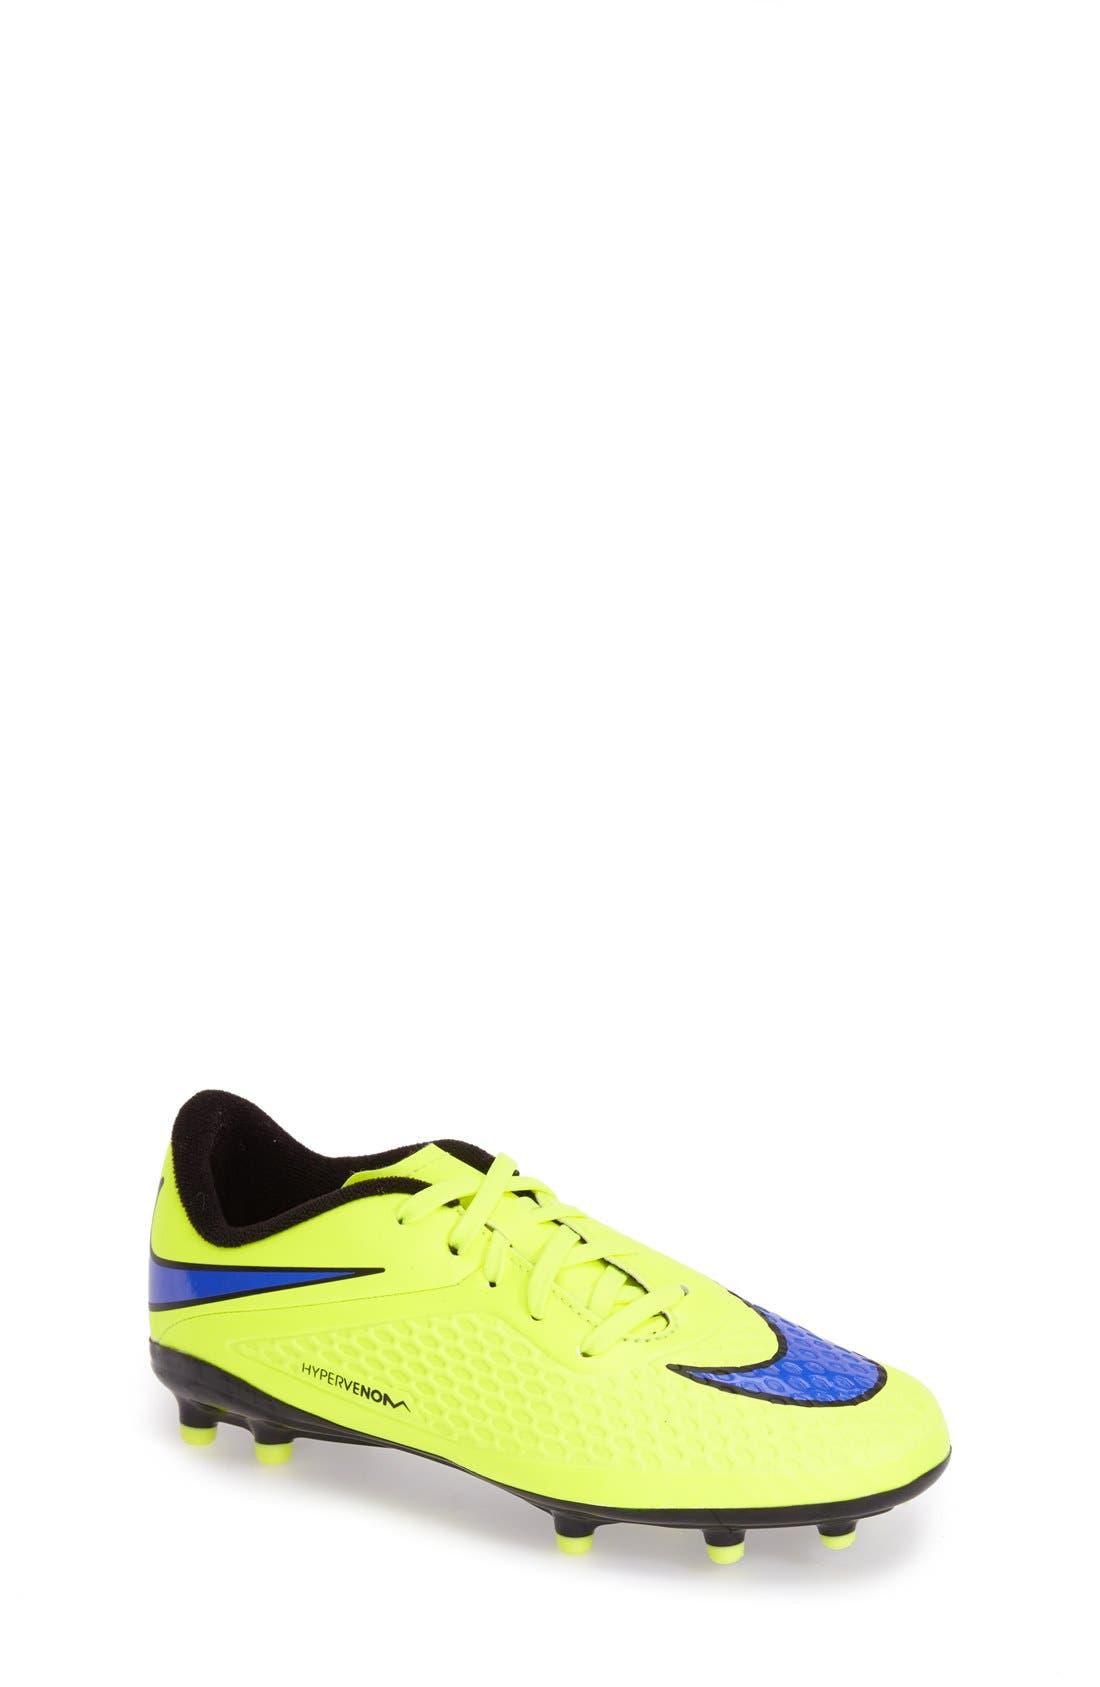 Alternate Image 1 Selected - Nike 'Hypervenom Phelon FG' Soccer Cleat (Toddler, Little Kid & Big Kid)